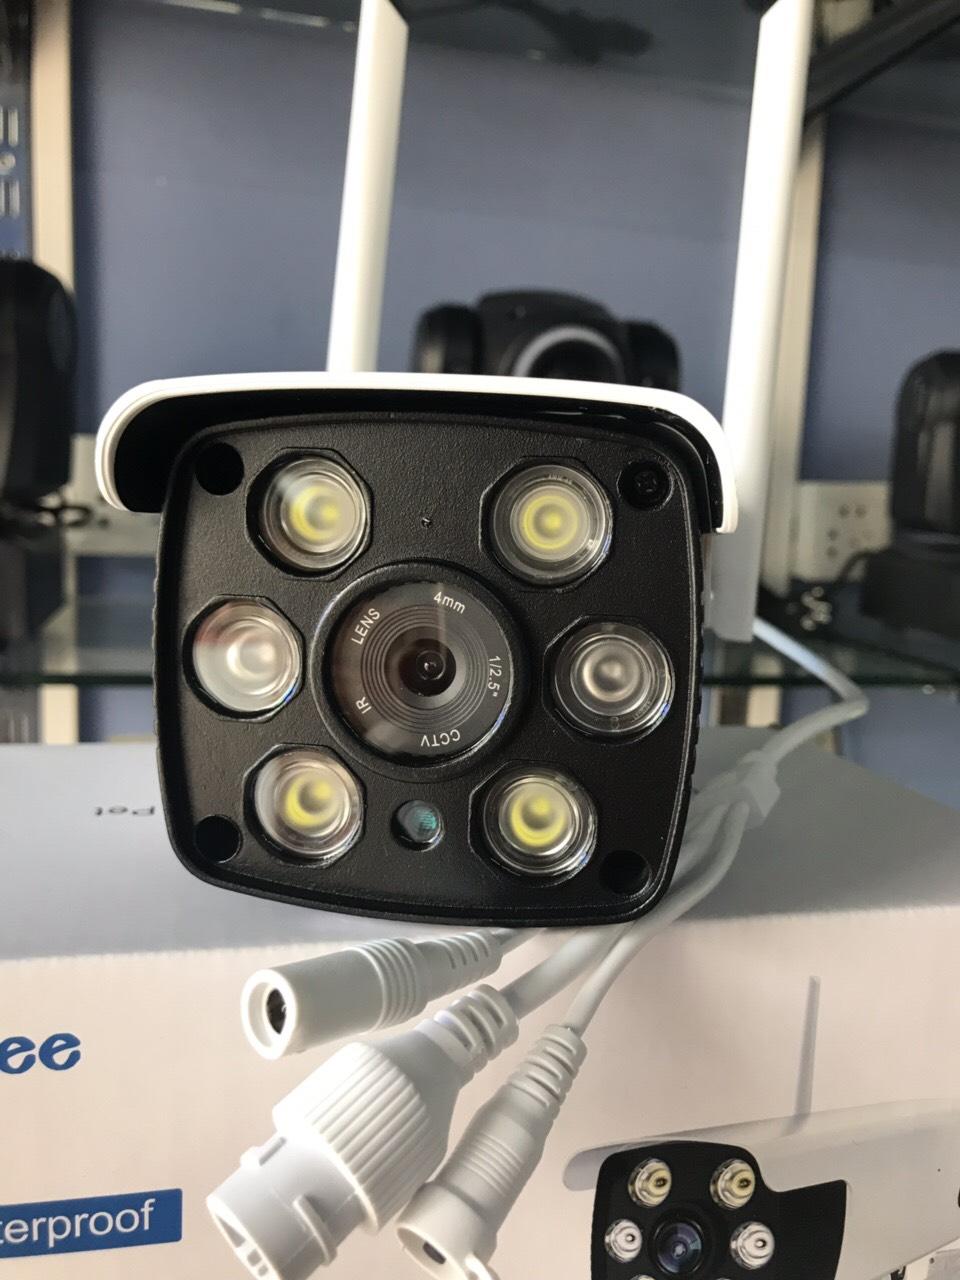 Camera IP Yoosee ngoài trời độ phân giản 2.0Mpx - FullHD 1080P đàm thoại 2 chiều